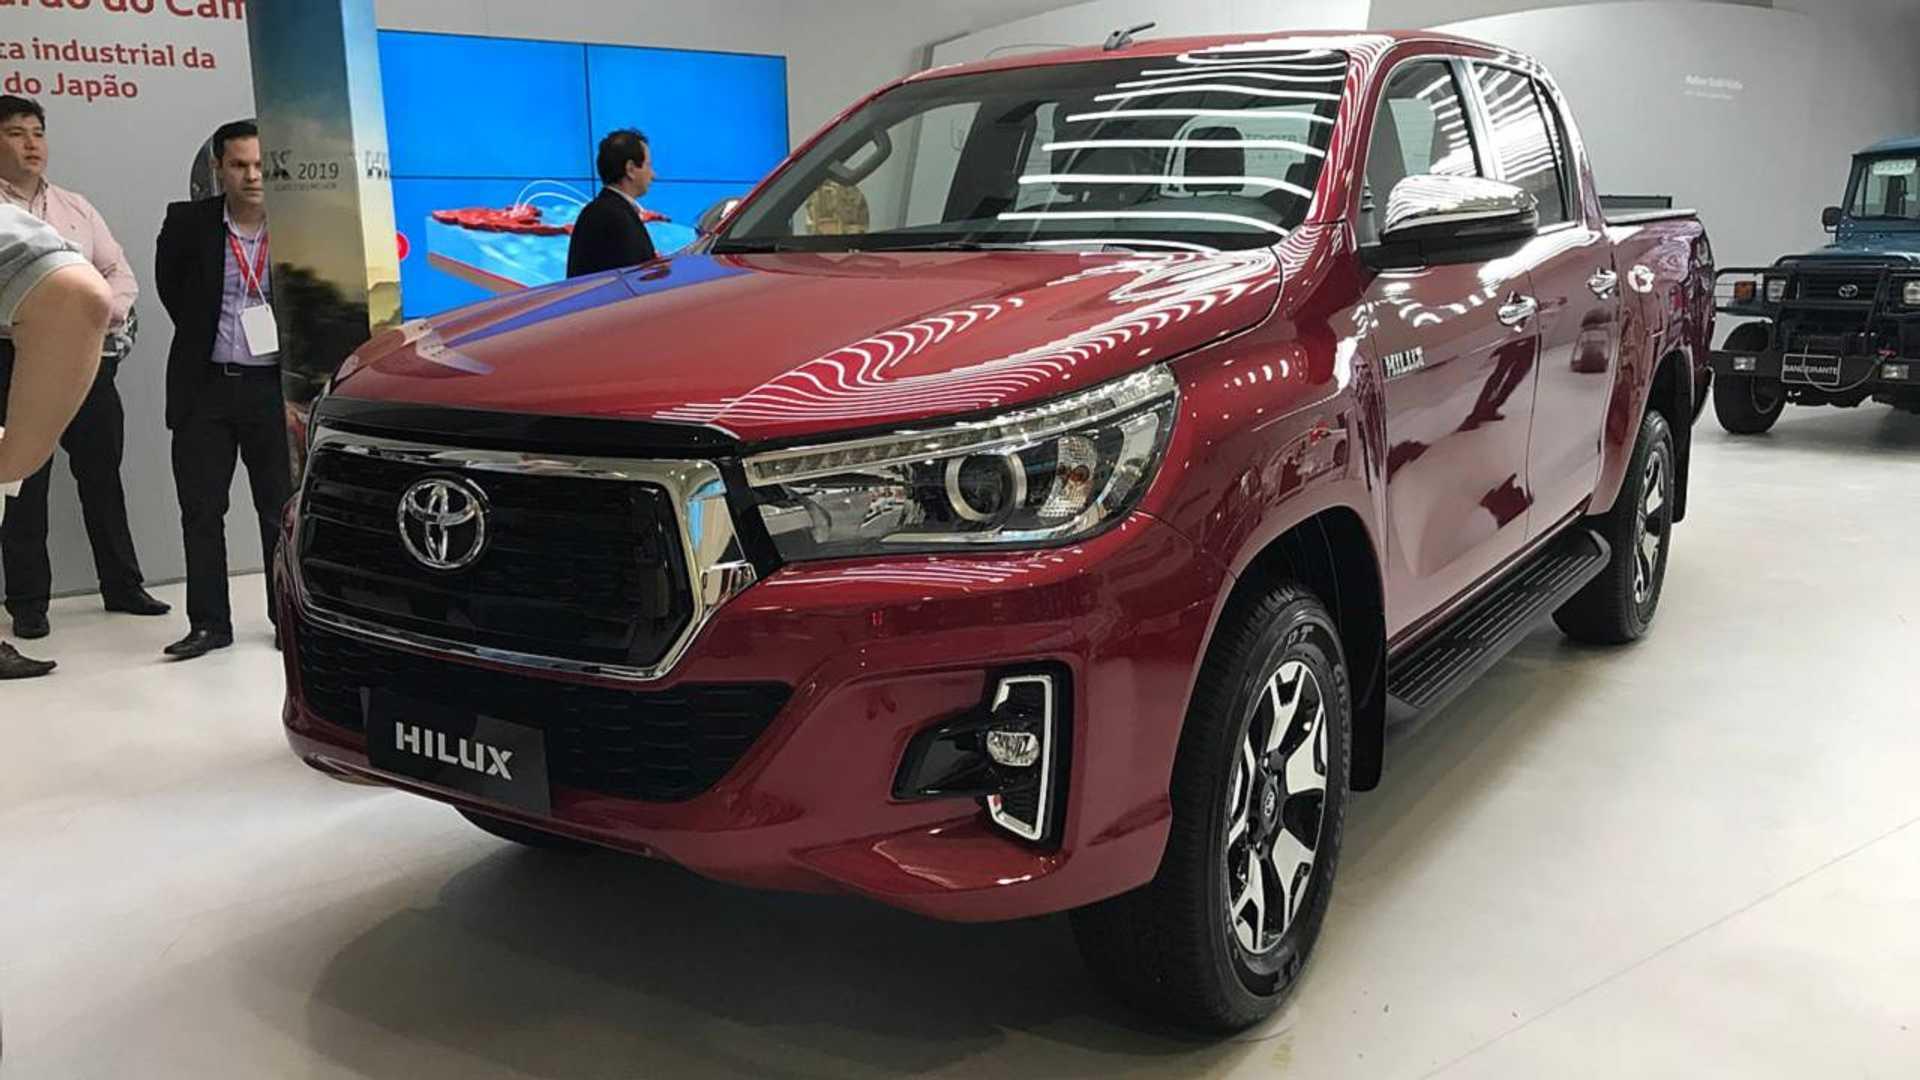 Toyota Lanca Nova Hilux 2019 Com Preco Inicial De R 111 990